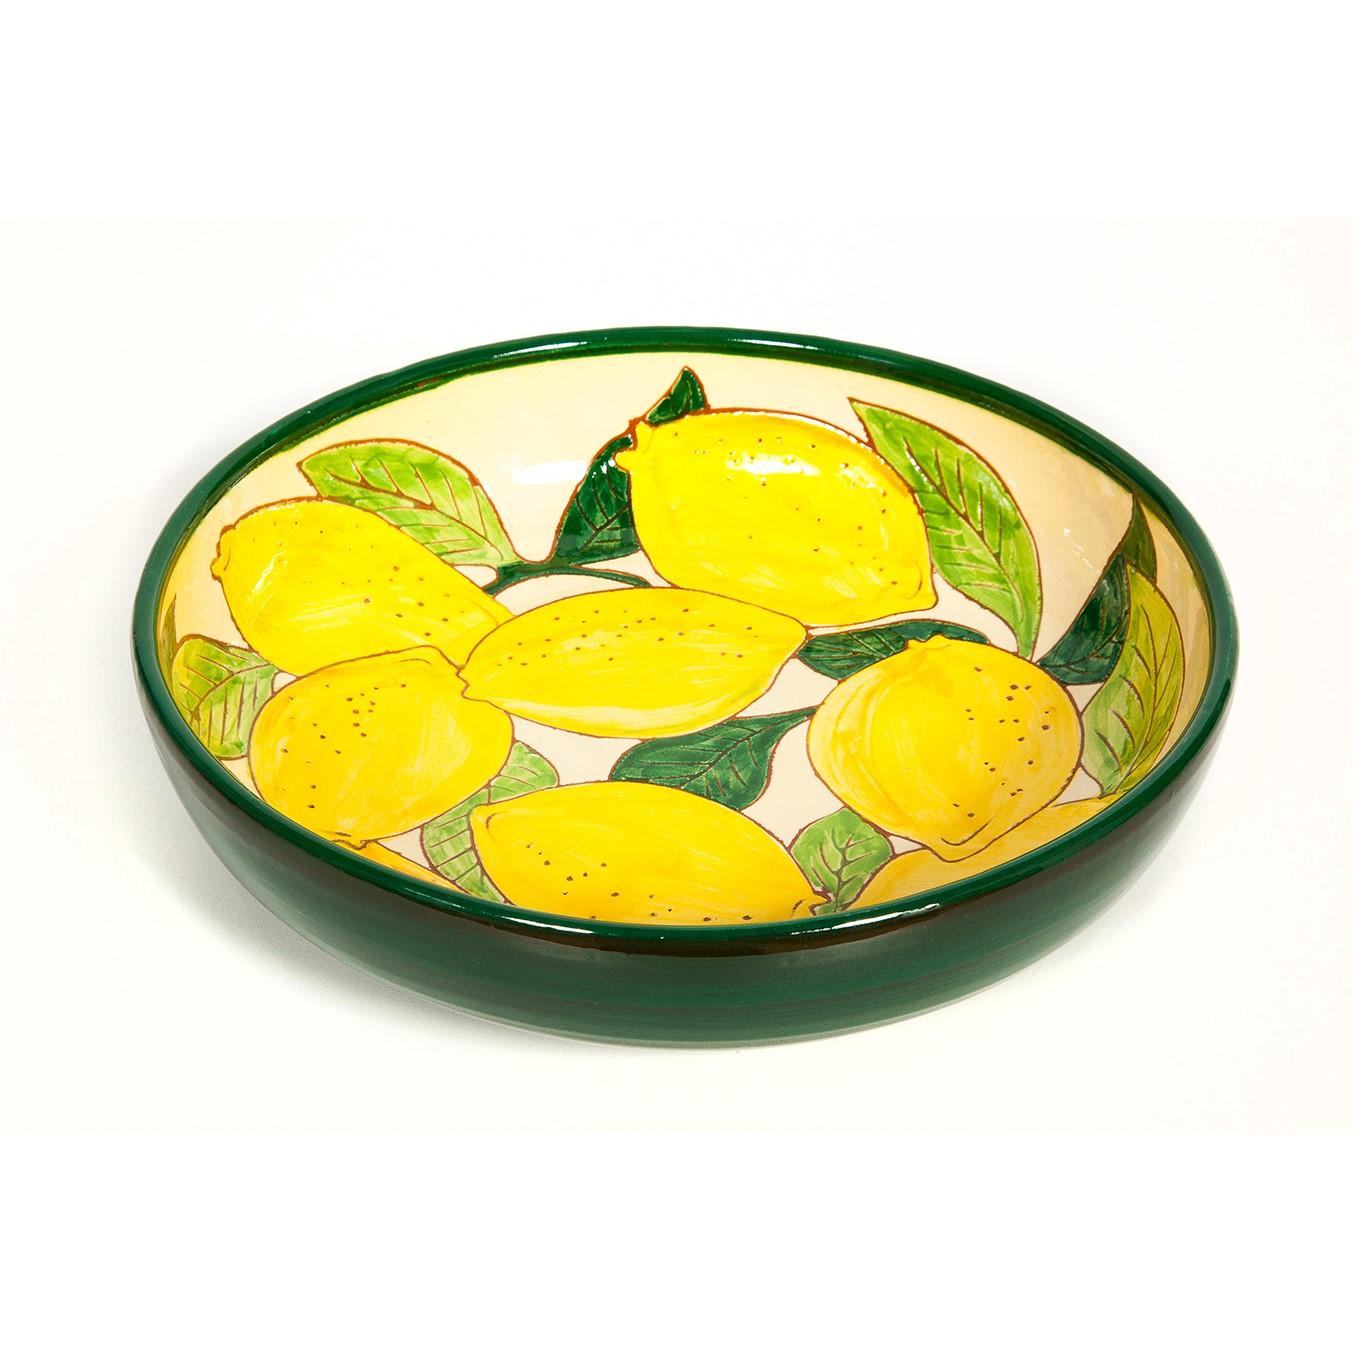 Spanish Ceramic Lemons Dish